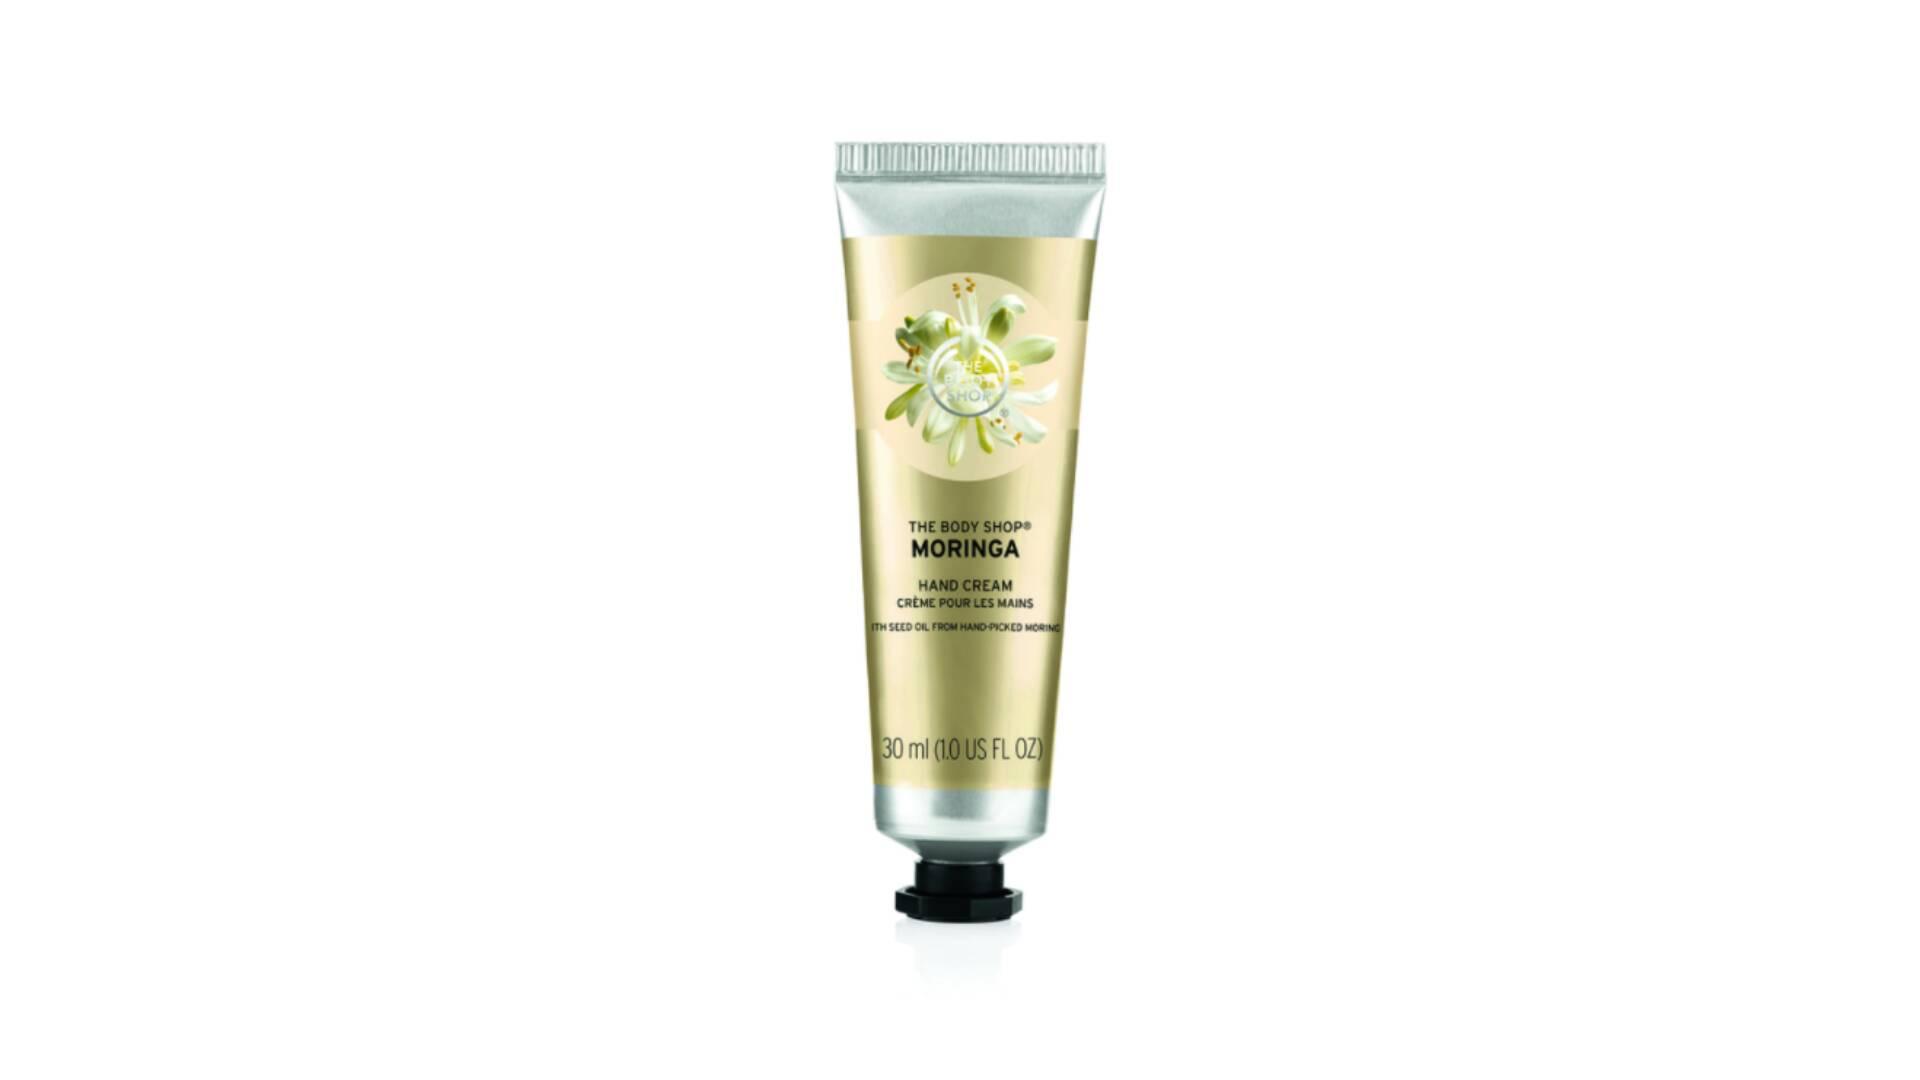 Com óleo de moringa, o creme hidrata e protege a pele das mãos deixando-a perfumada com fragrância floral de moringa. R$ 14,90. Foto: Divulgação